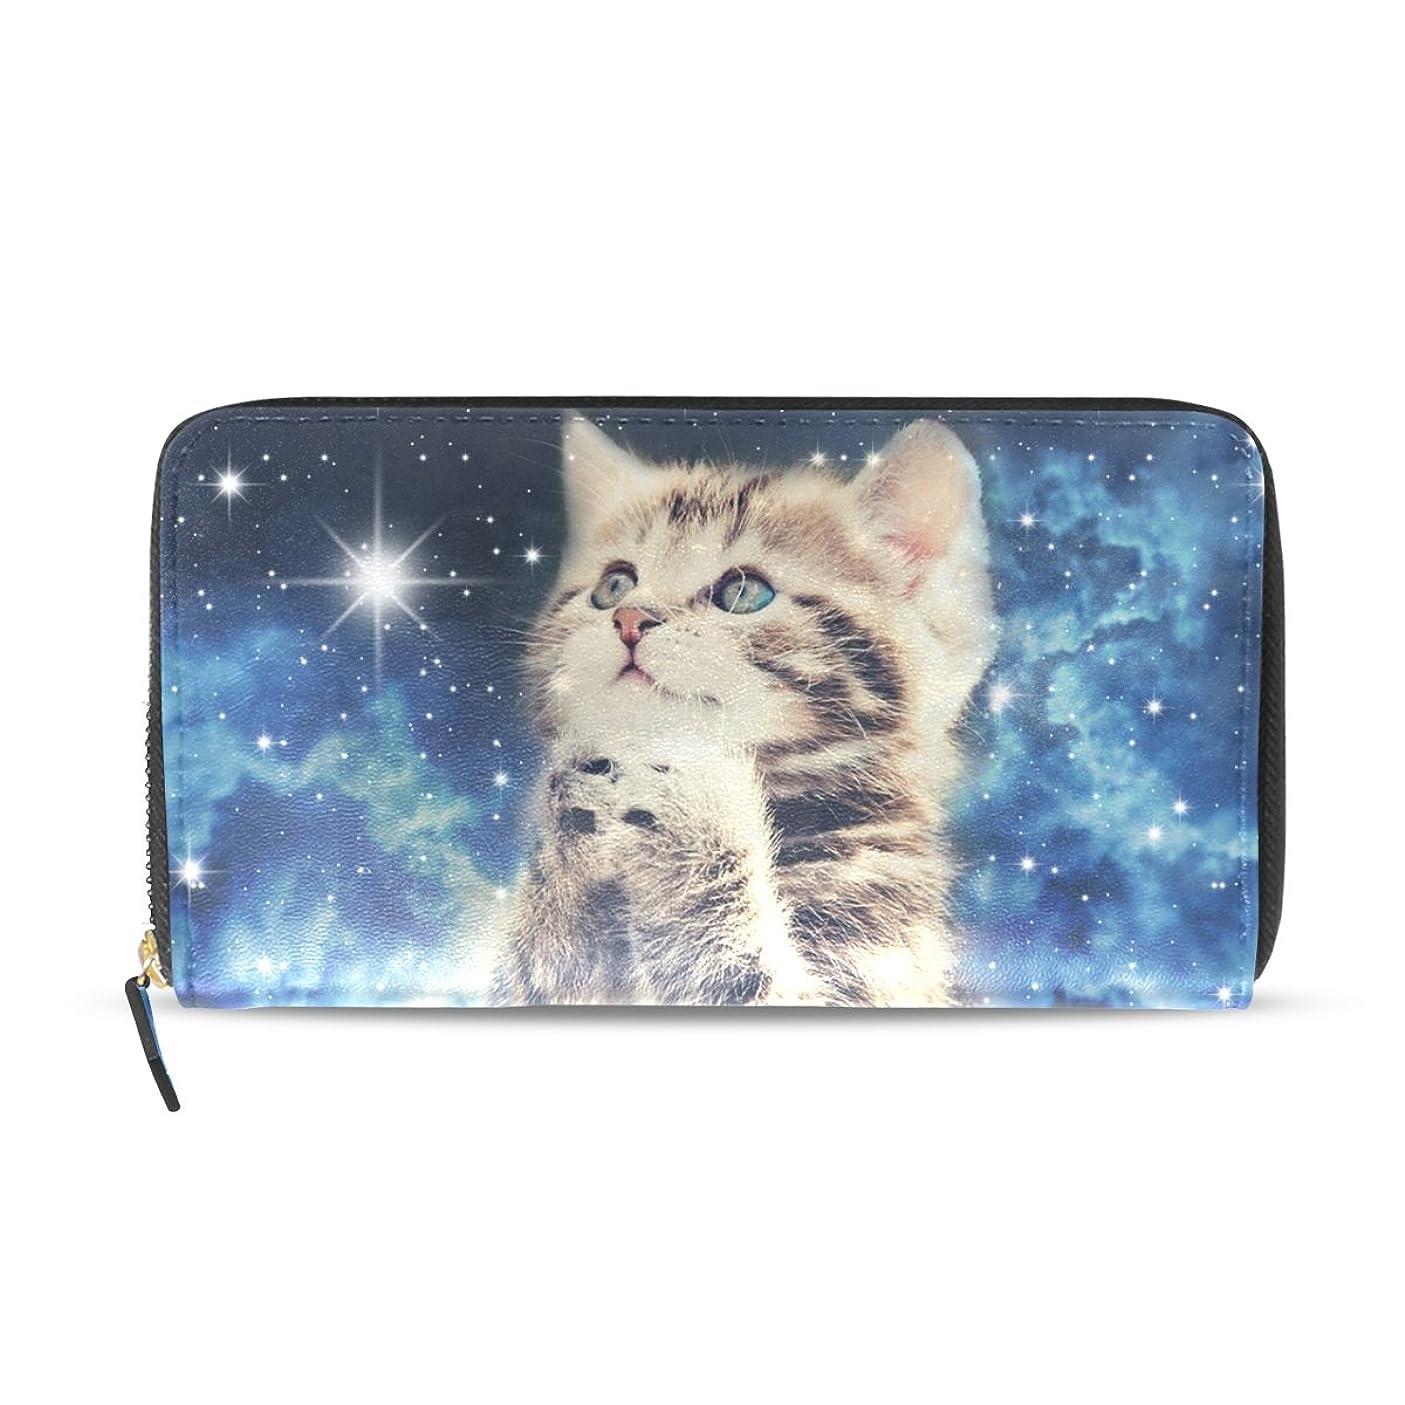 平和的完全に不従順GORIRA(ゴリラ) 祈る子猫 星空 長財布 レディース ダブルサイド印刷 ファスナー開閉式 ウォレット